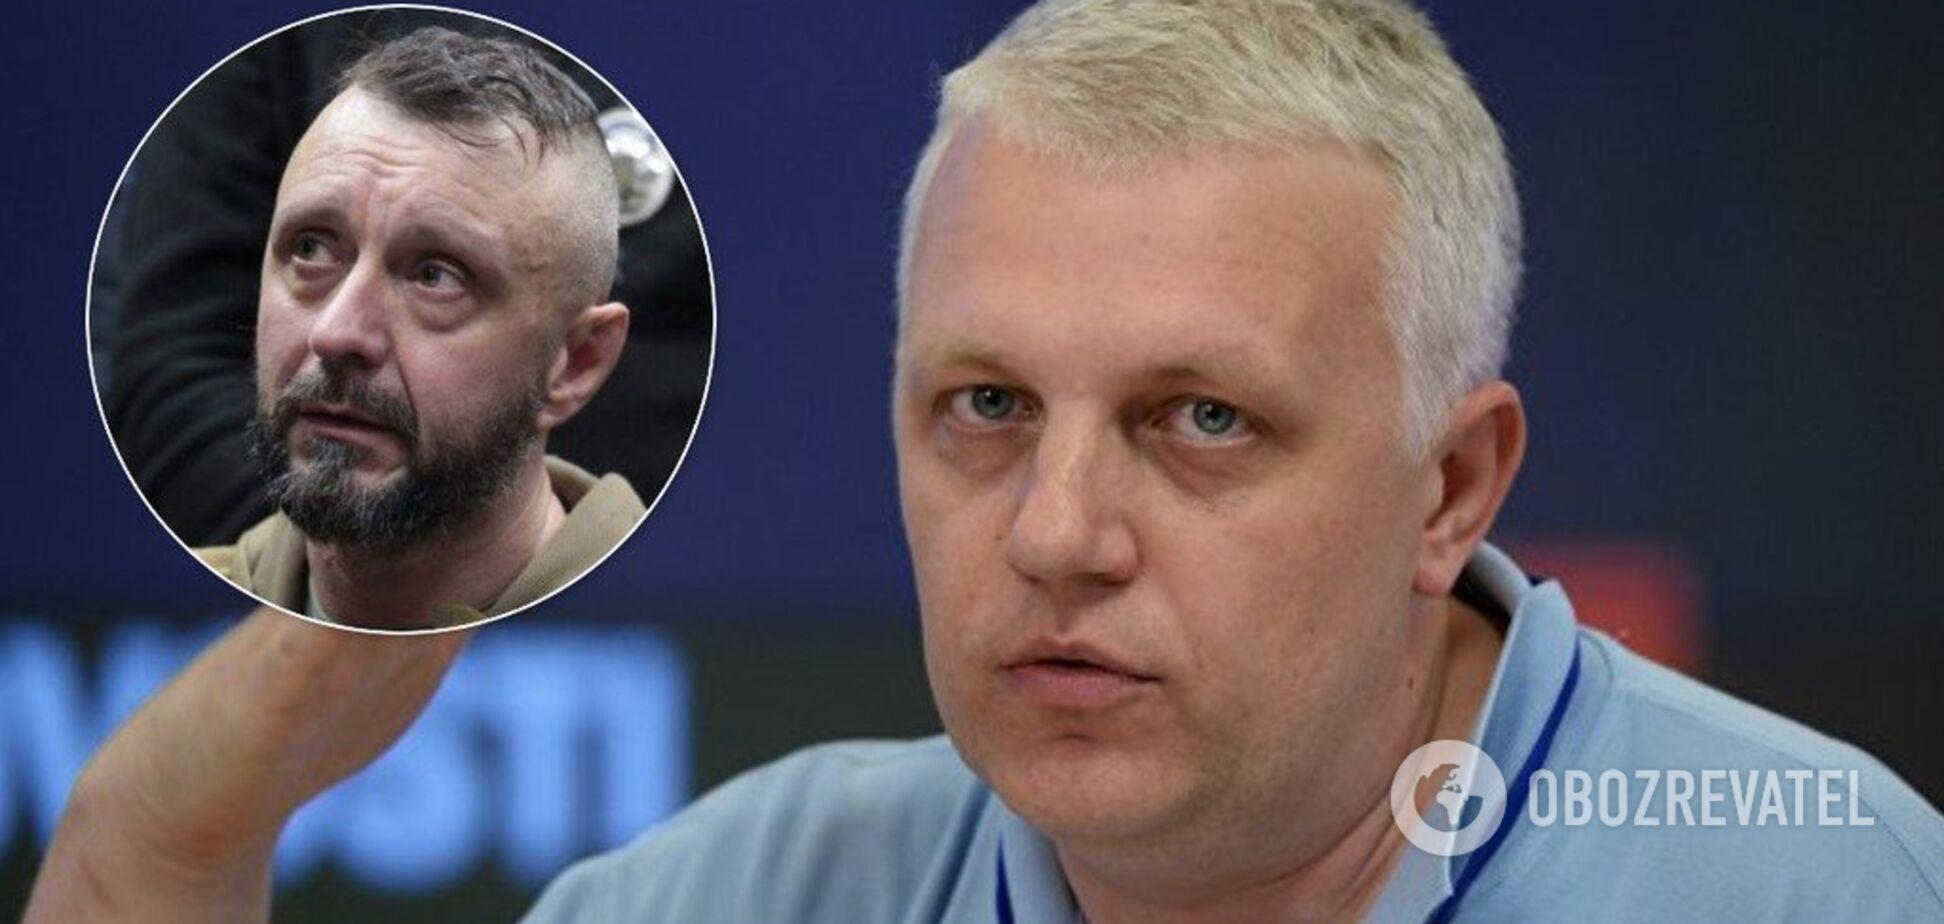 Суд принял новое решение поподозреваемому в убийстве Шеремета Антоненко